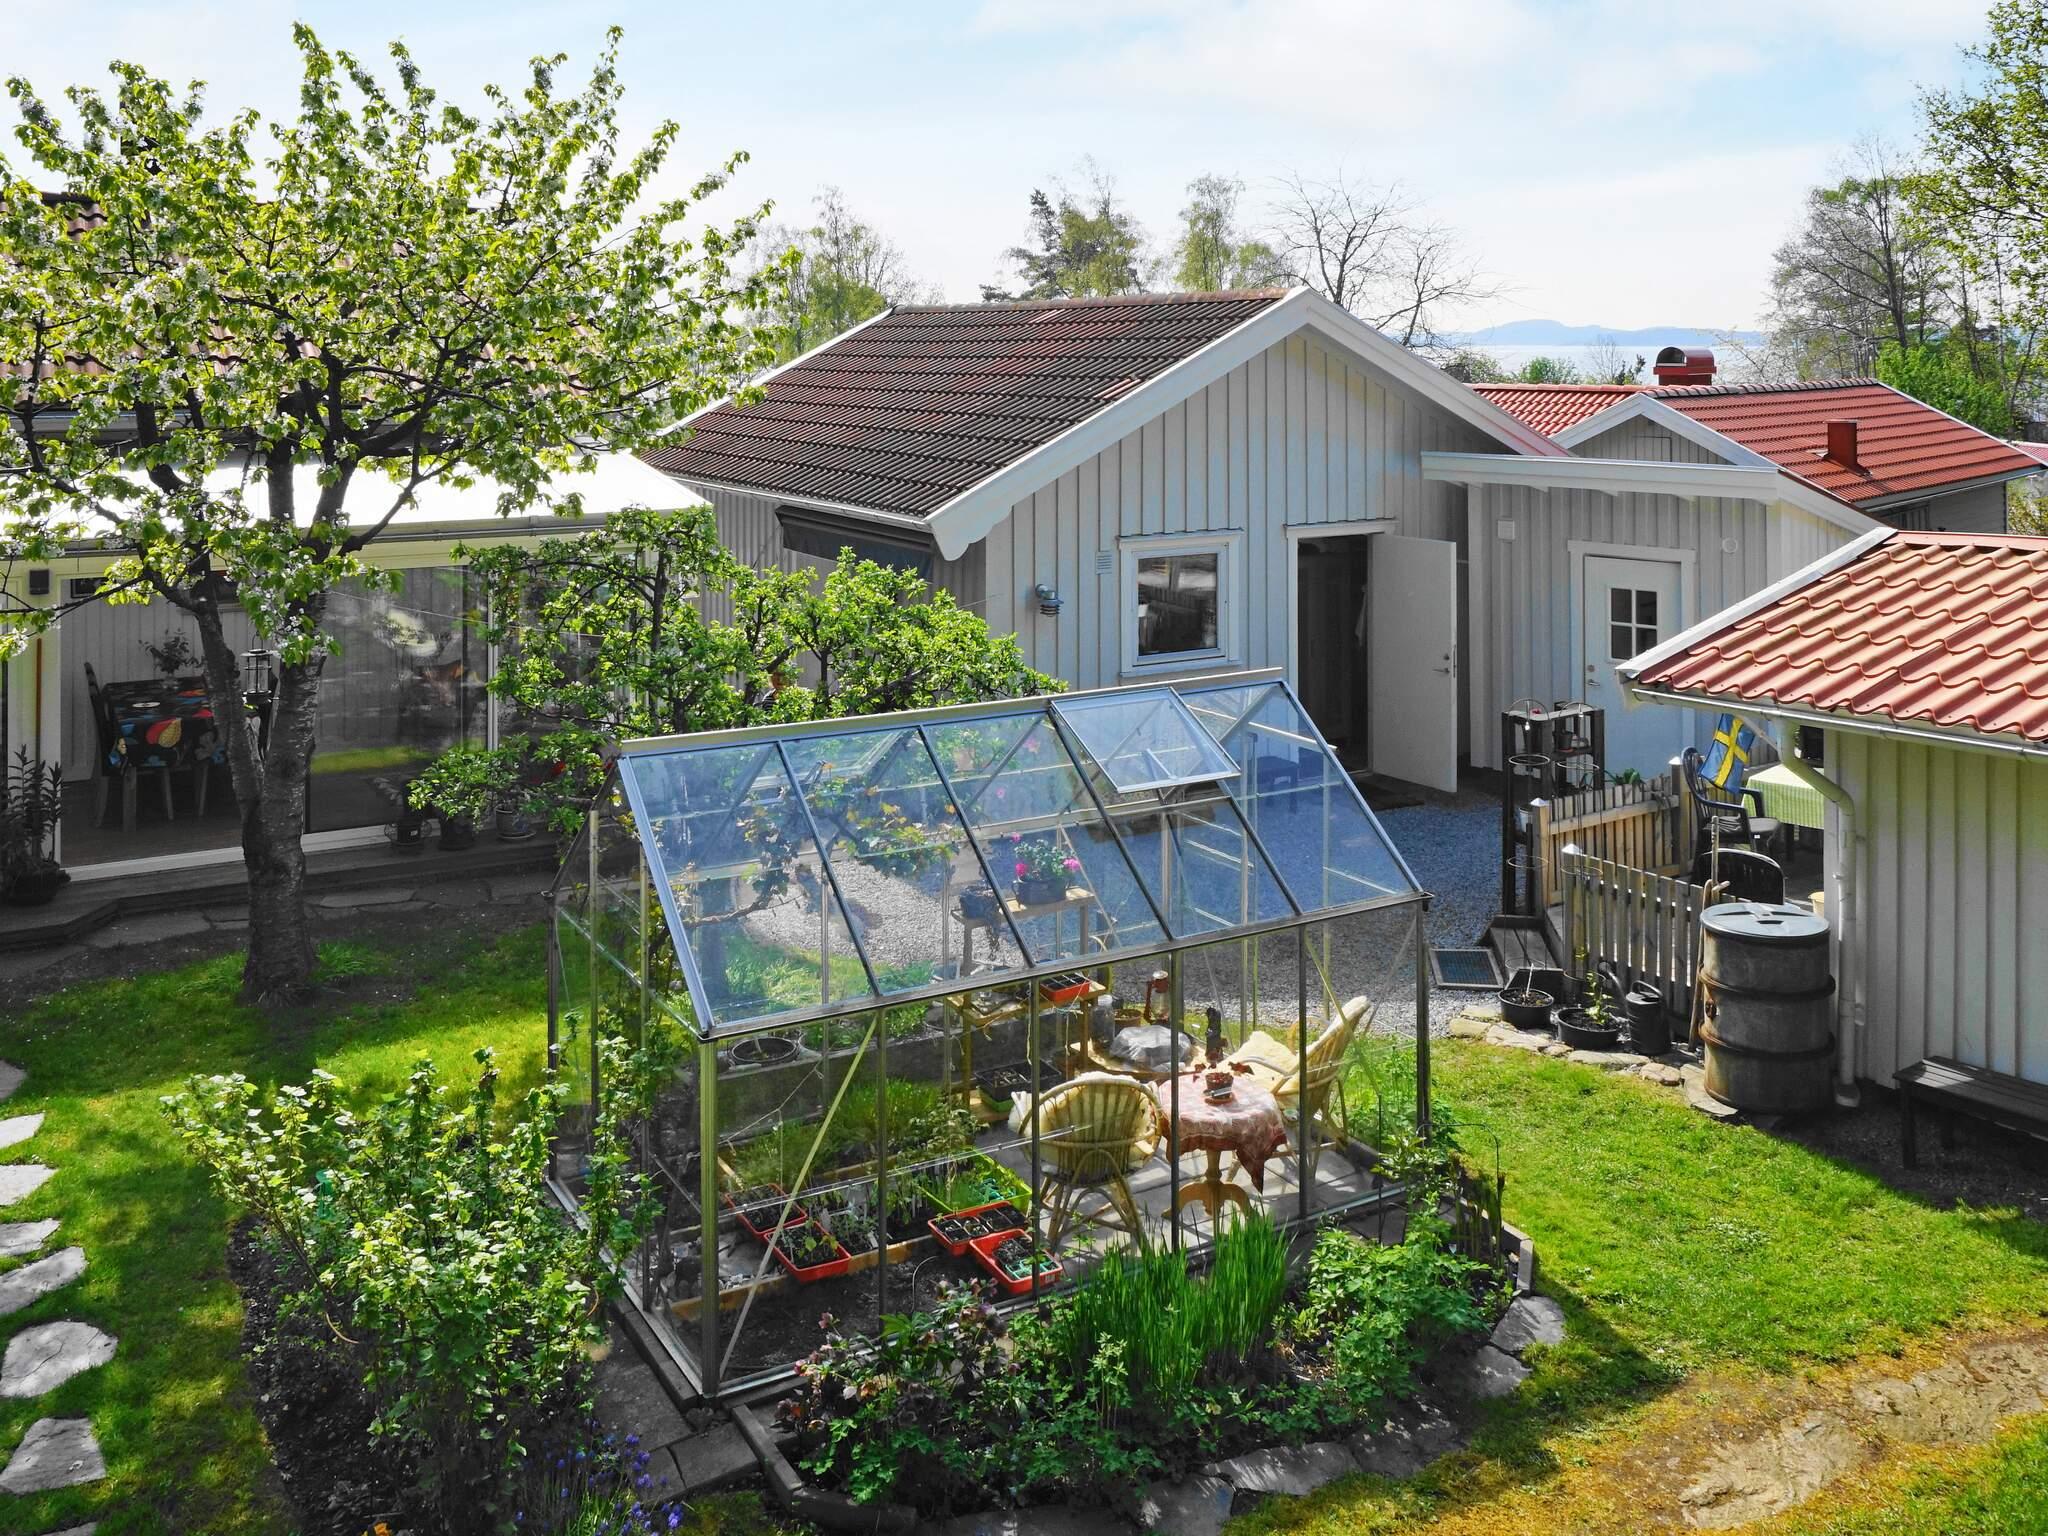 Ferienhaus Tjörn/Hakenäset (2611484), Hakenäset, Tjörn, Westschweden, Schweden, Bild 1